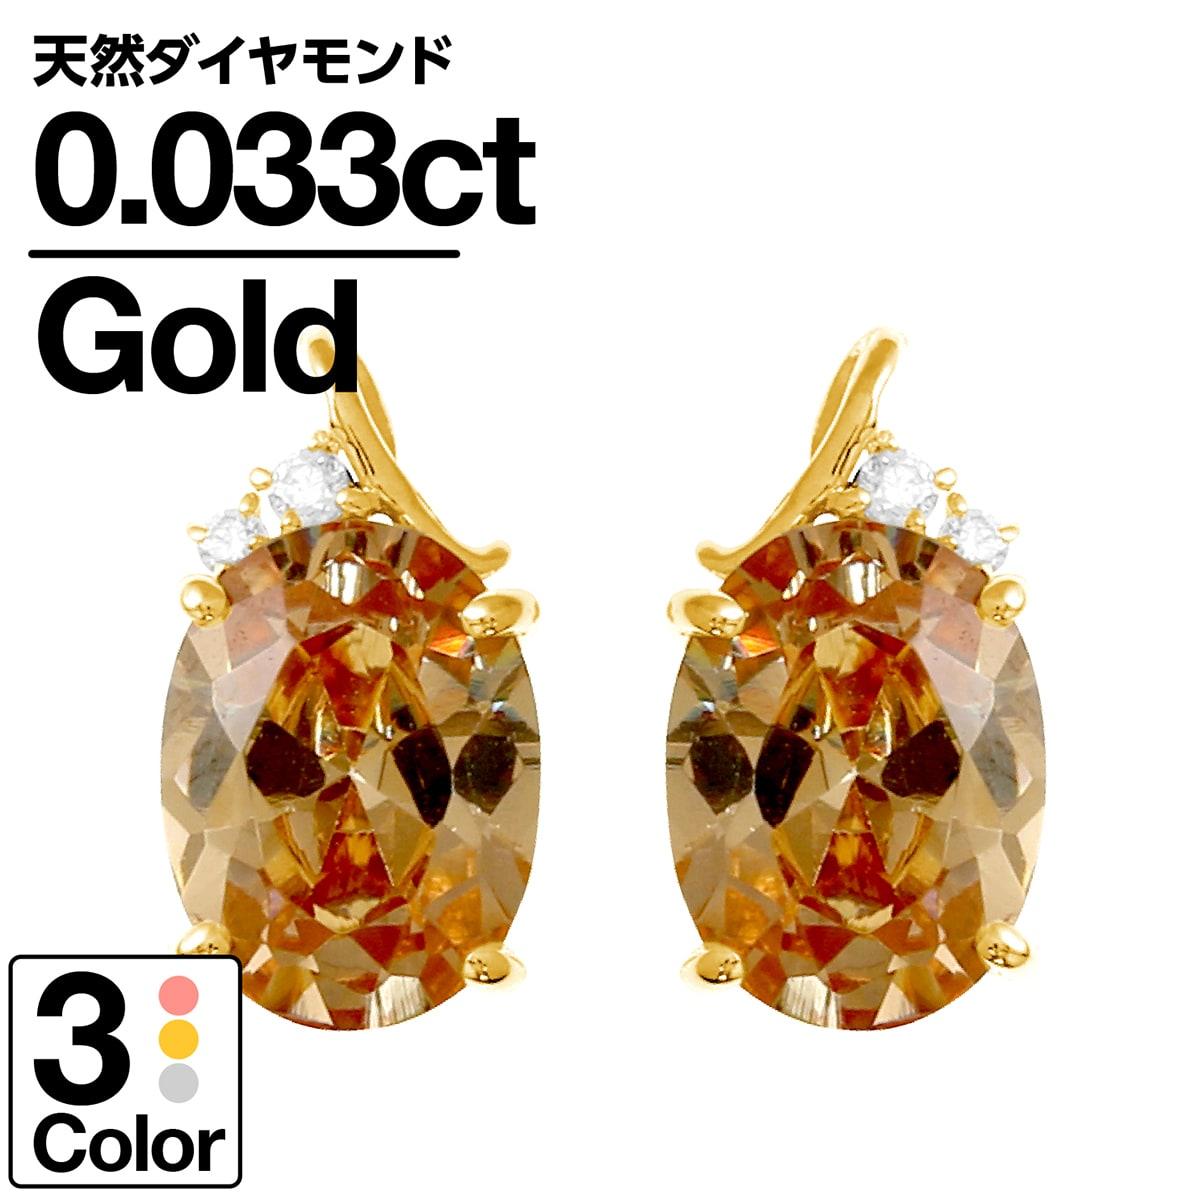 ピアス 金属アレルギー ダイヤモンド 選べるカラーストーン k10 イエローゴールド/ホワイトゴールド/ピンクゴールド 品質保証書 日本製 新生活 ギフト